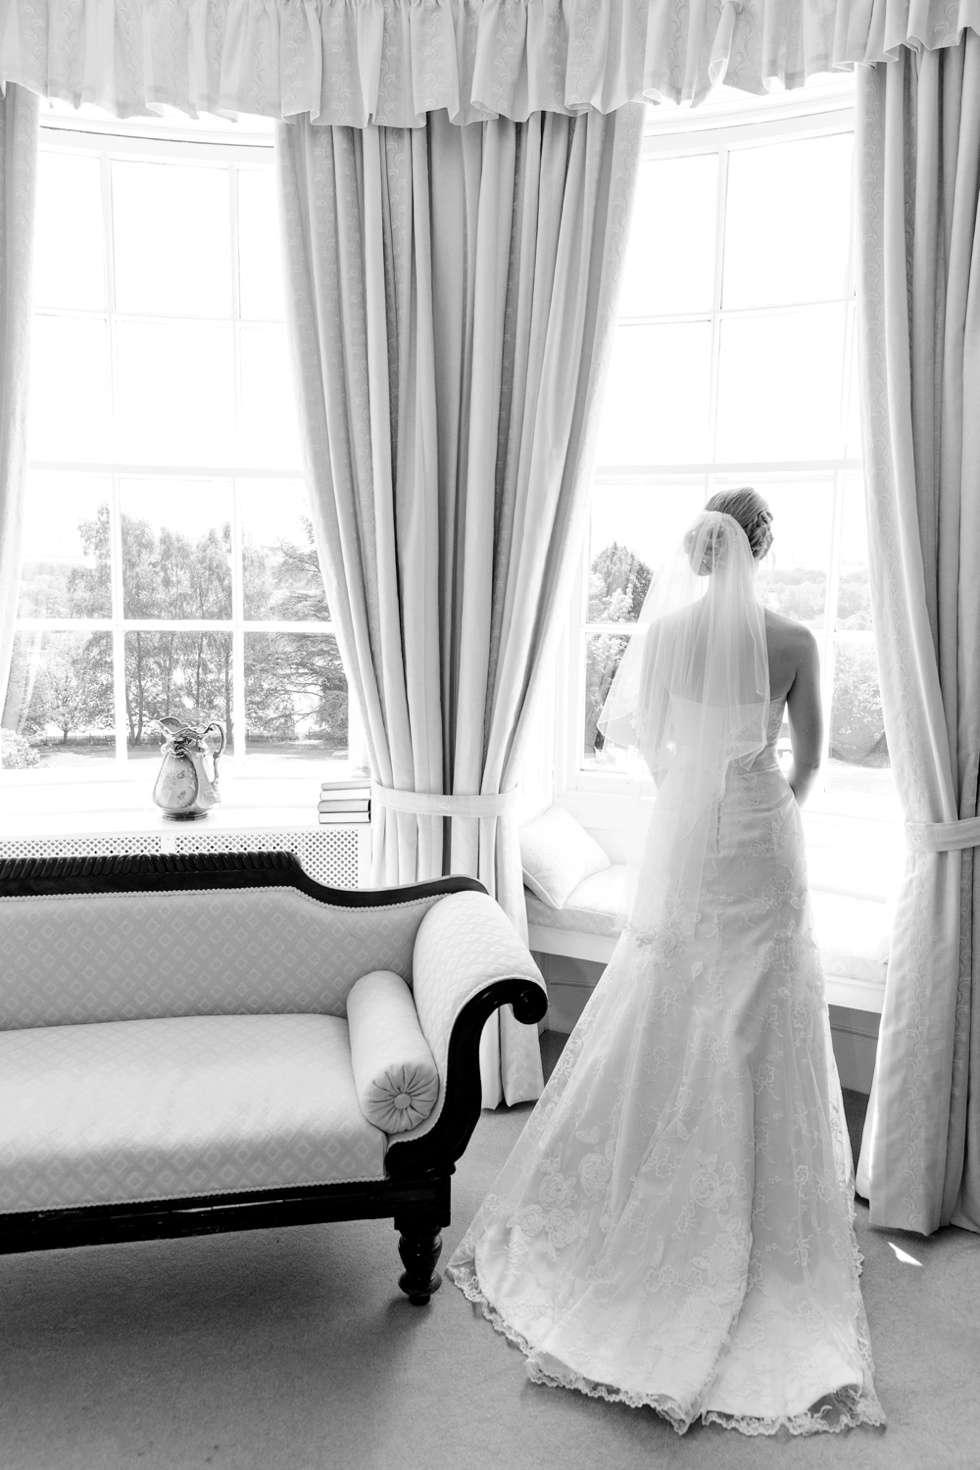 DEVEN-WEDDING-PHOTOGRAPHER-DEER-PARK-HOTEL-0012